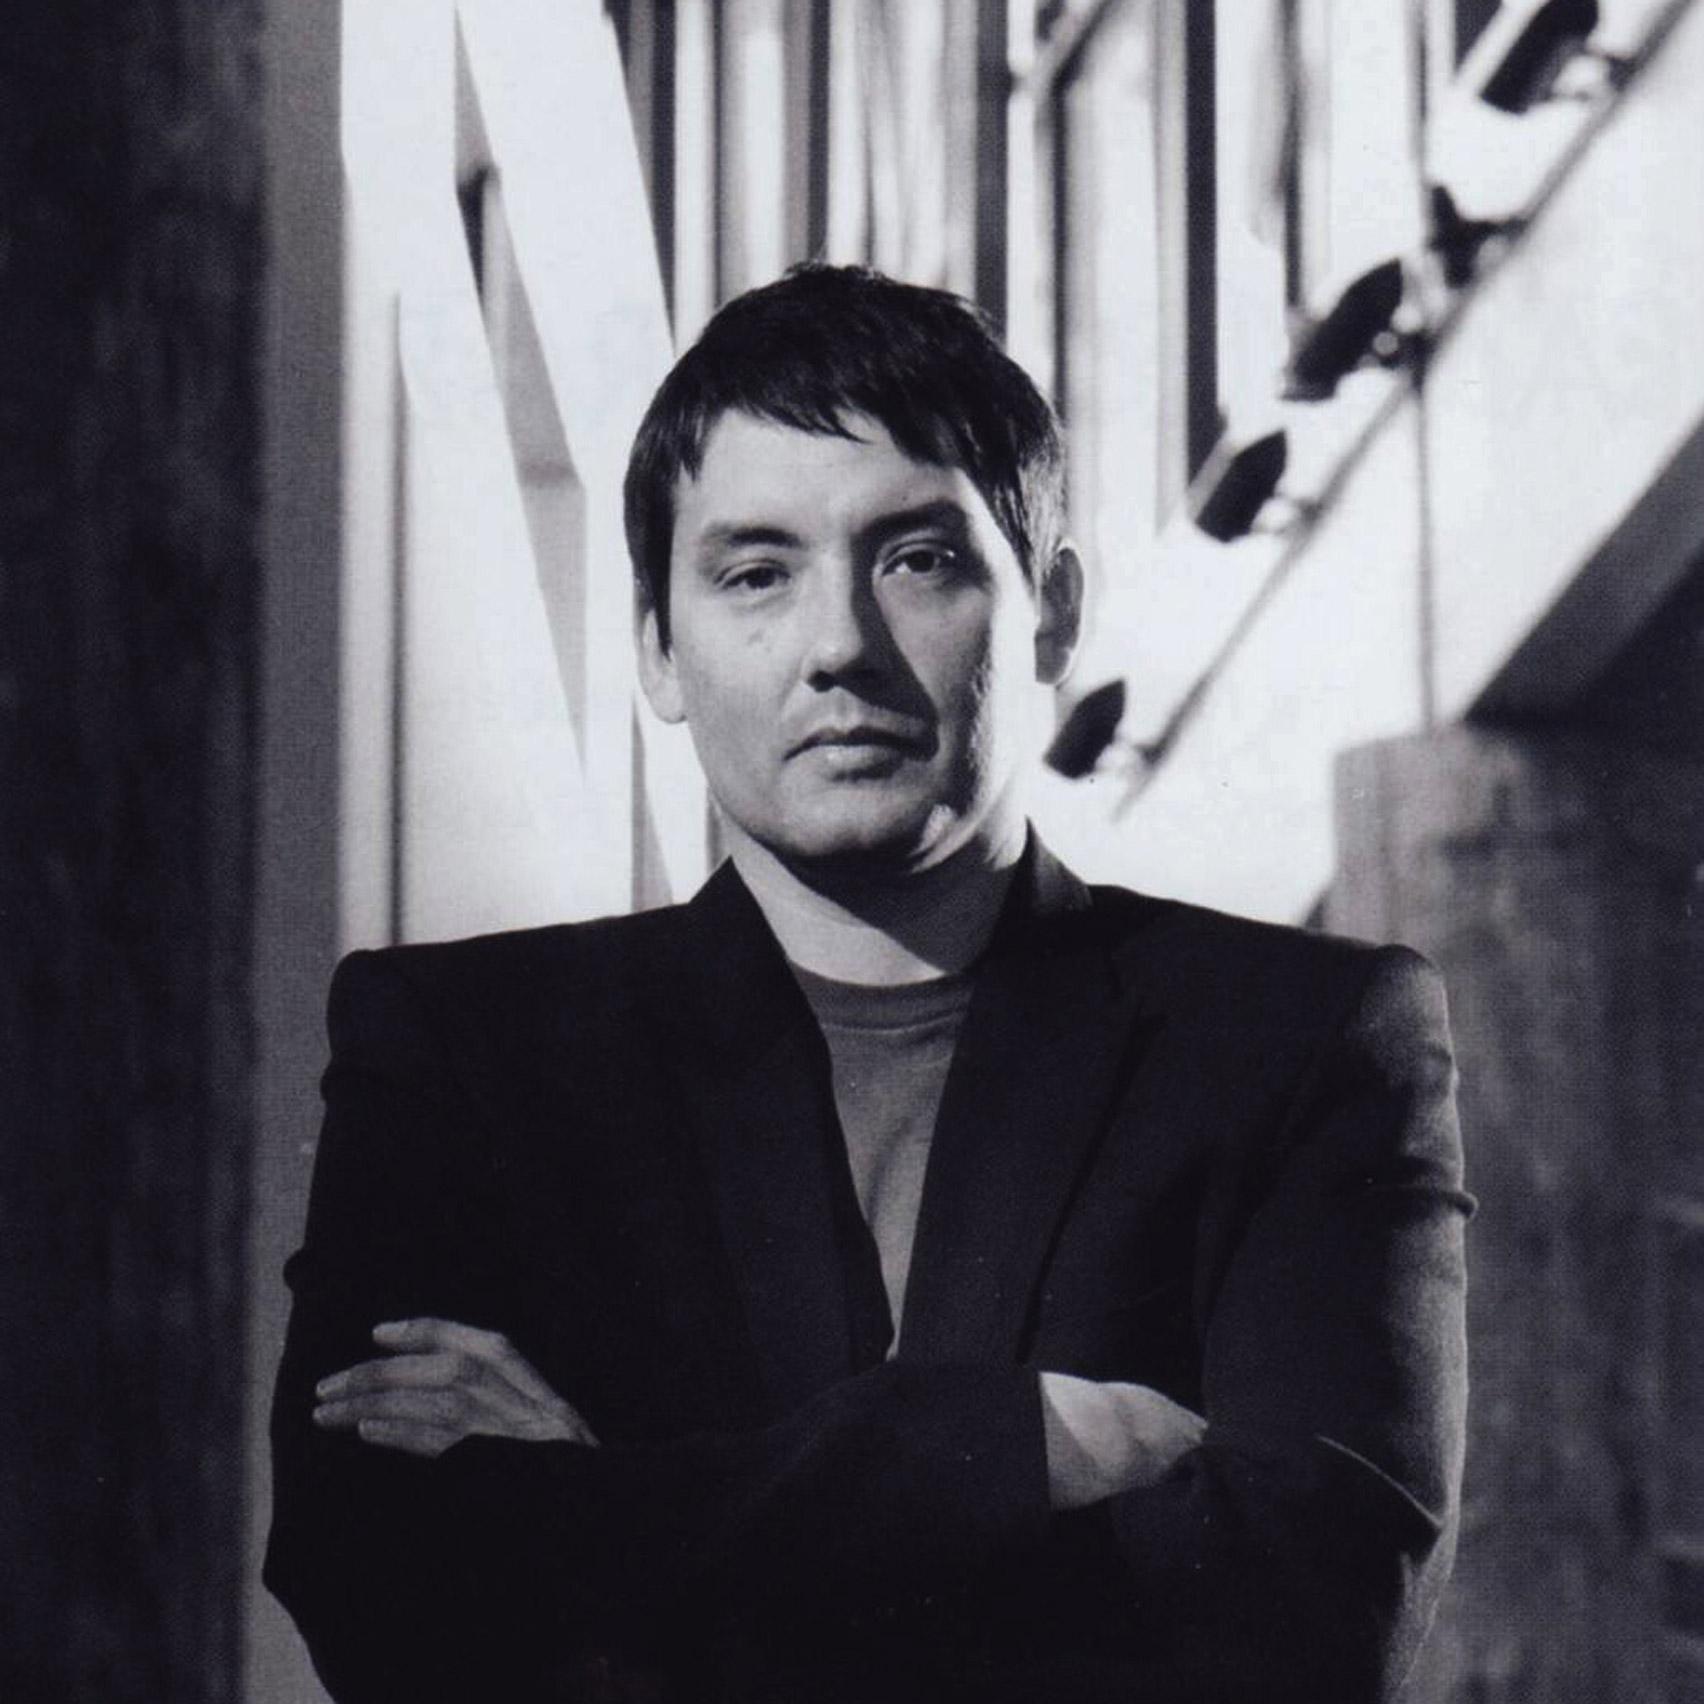 Portrait of Chris Cornelius